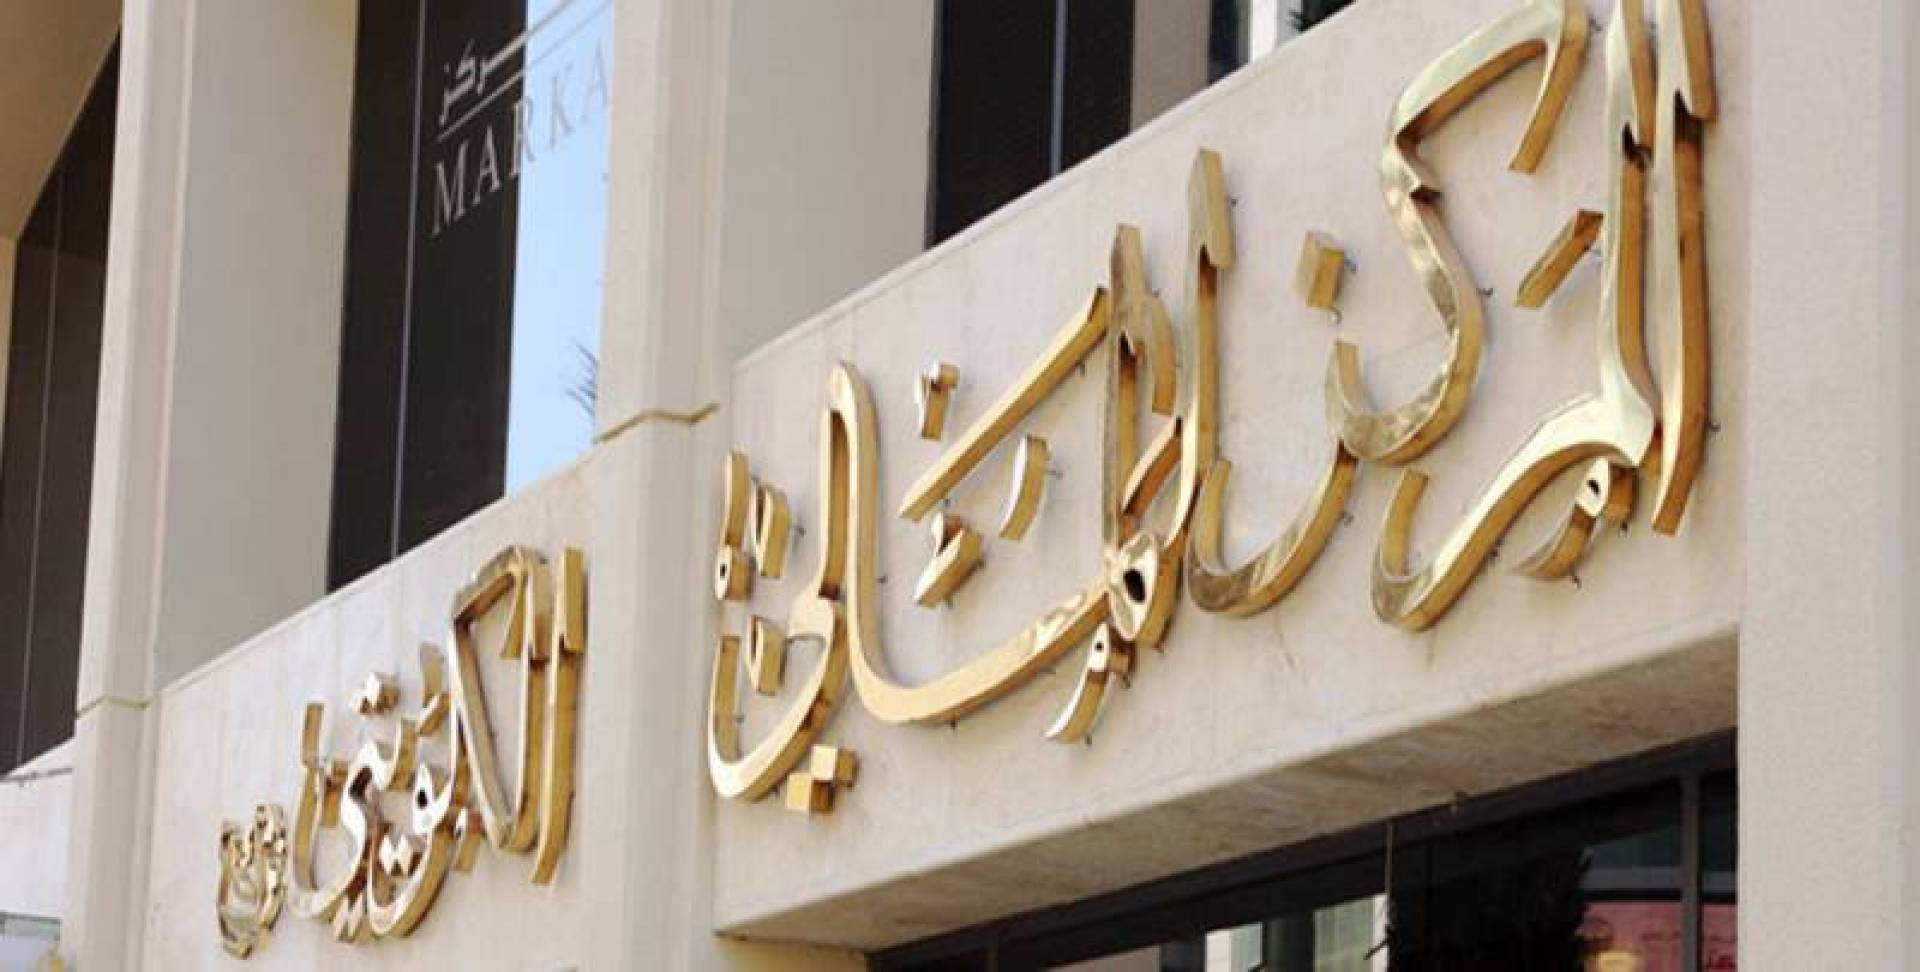 المصارف الكويتية تحقق أفضل أداء في نوفمبر